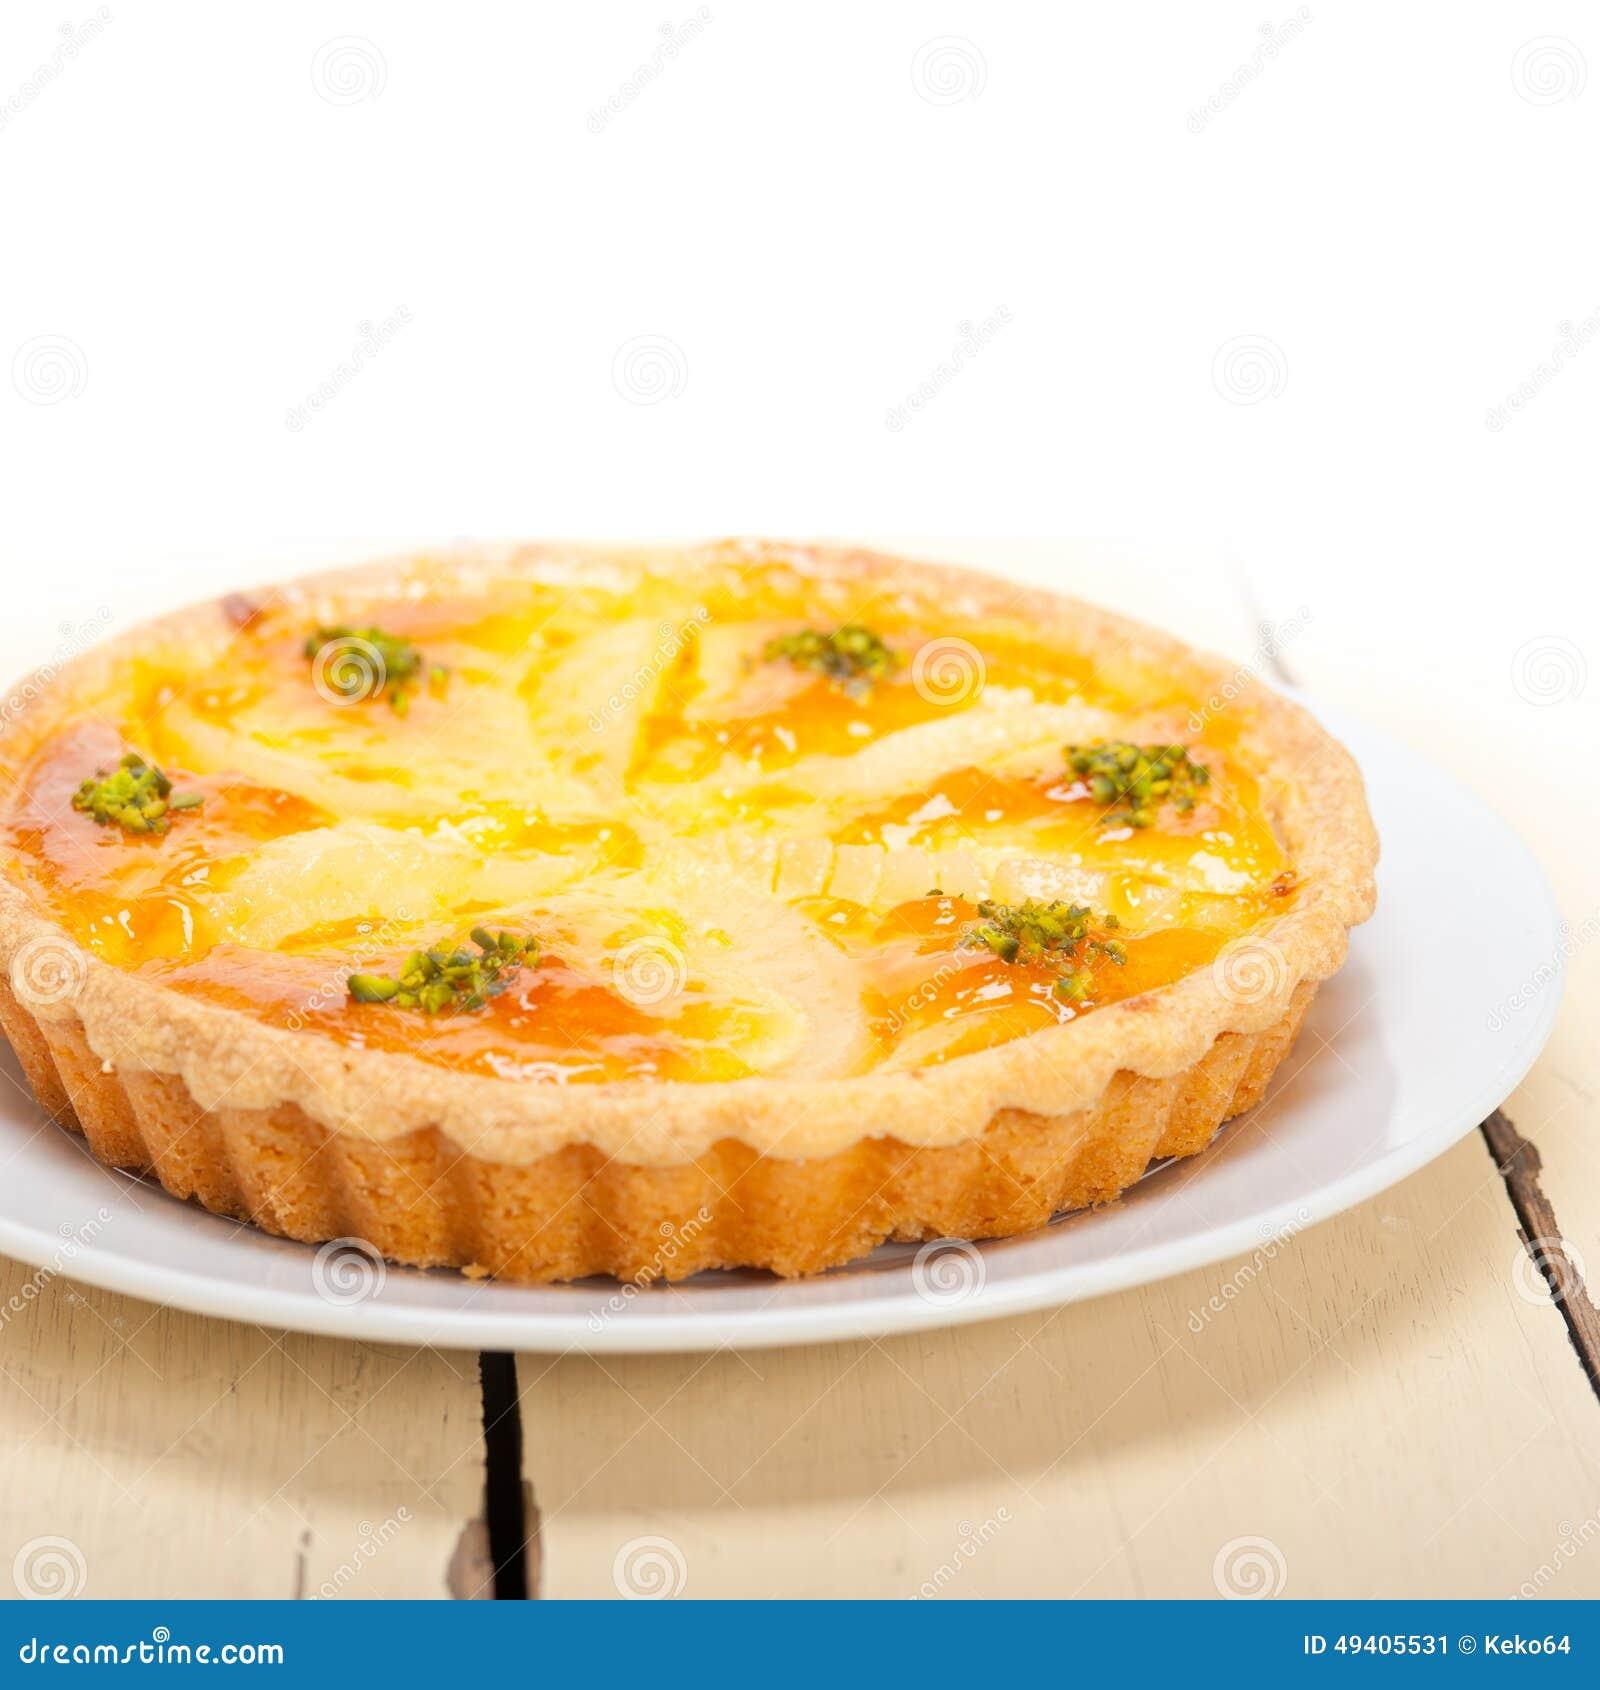 Download Frischer Birnentorten-Nachtischkuchen Stockbild - Bild von feinschmecker, platte: 49405531